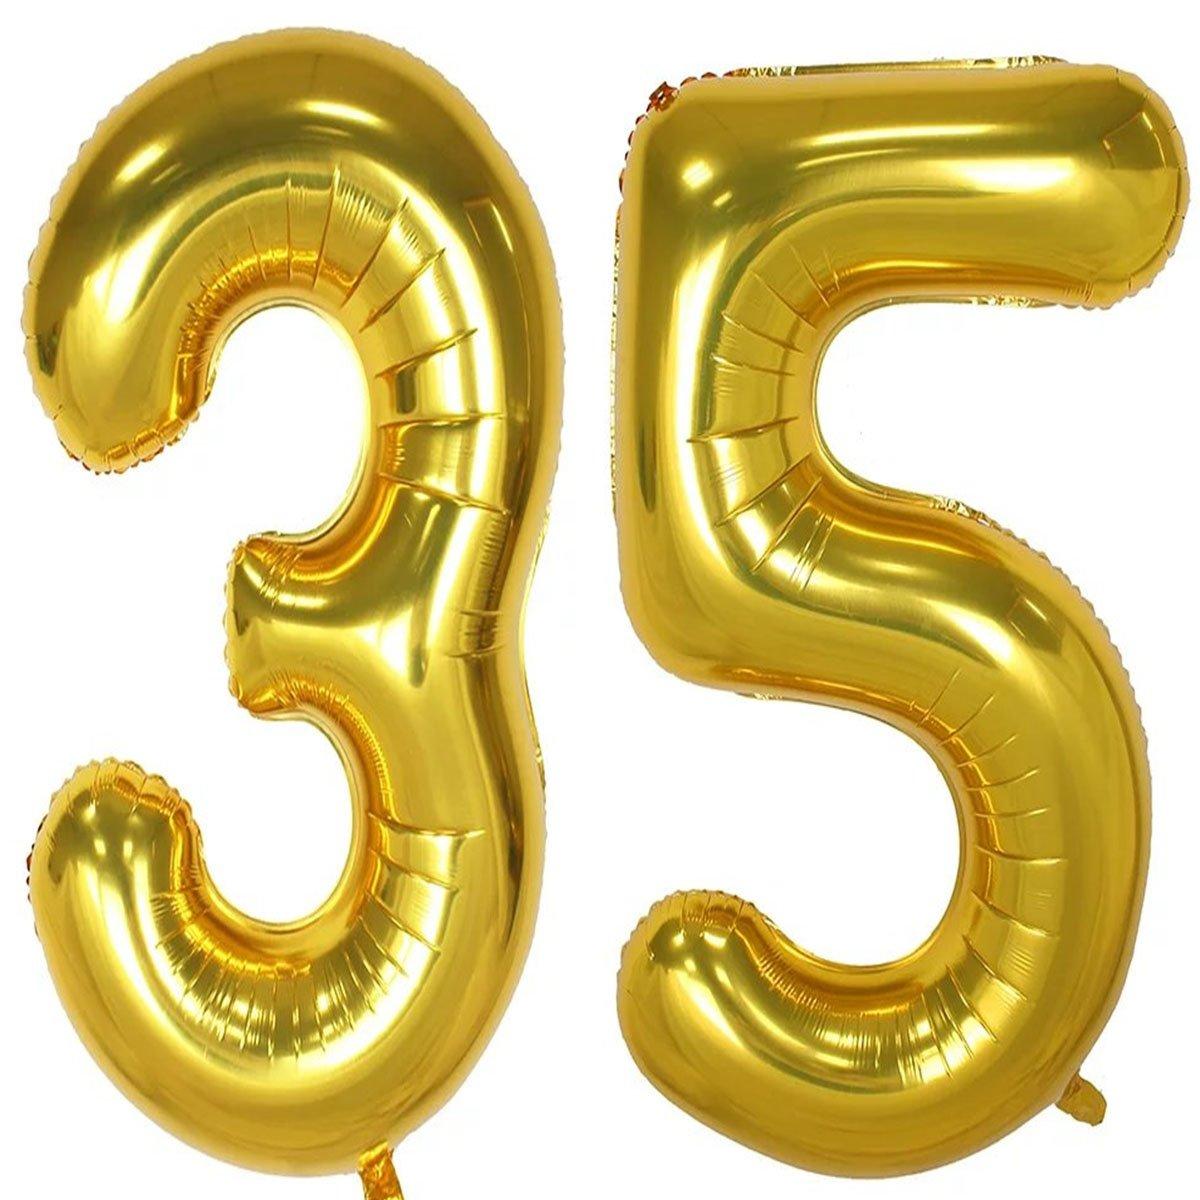 40インチゴールド箔ヘリウムジャンボ35デジタル番号バルーン、35th誕生日の装飾女の子または男の子、Sweet 35誕生日パーティー用品   B07BFBYDV8